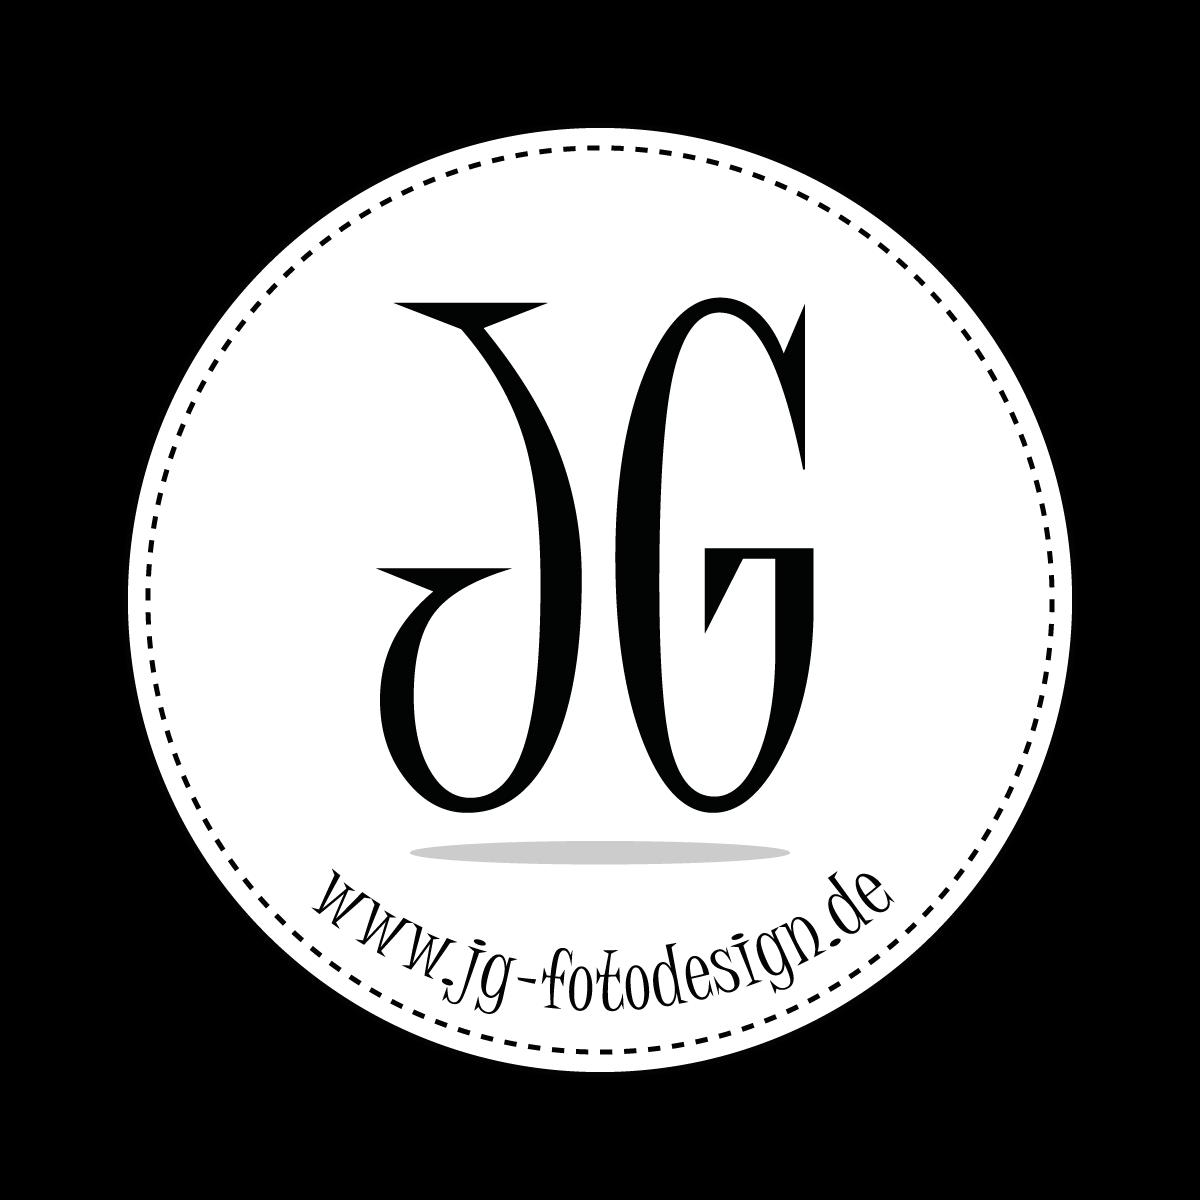 JG-Fotodesign